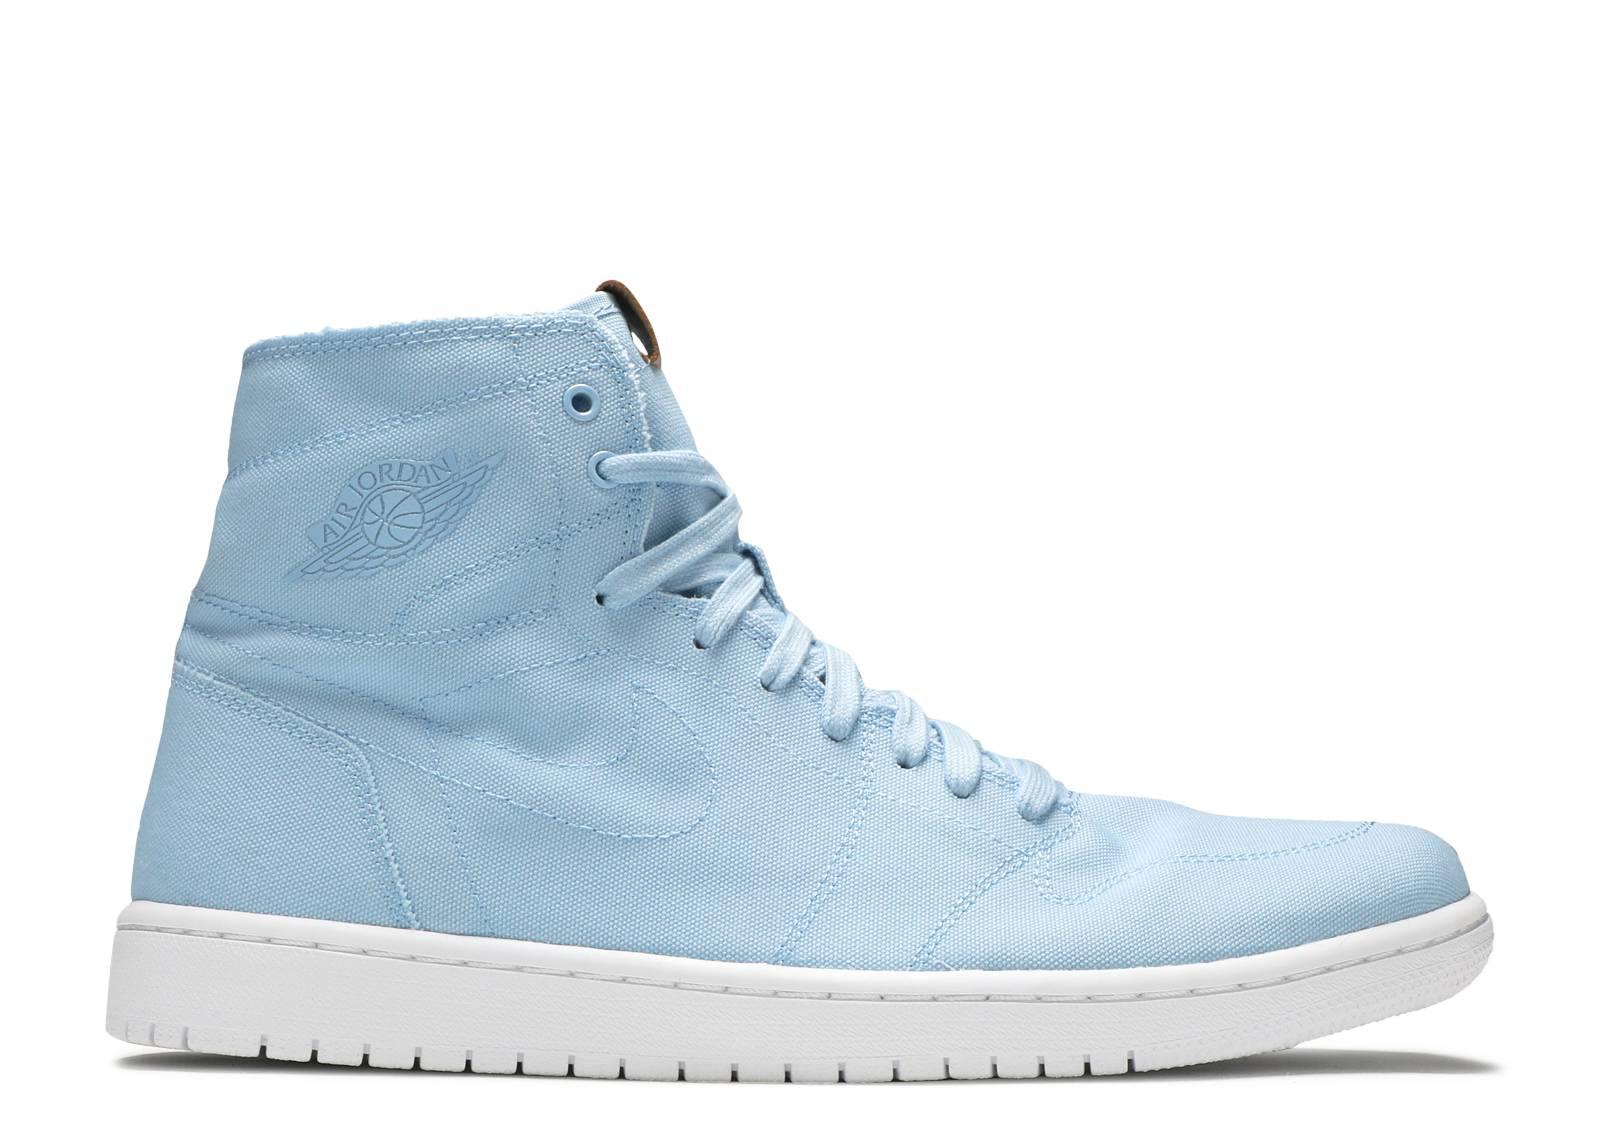 ce75d51c5792f6 Air Jordan 1 Retro High Decon - Air Jordan - 867338 425 - ice blue white-vachetta  tan